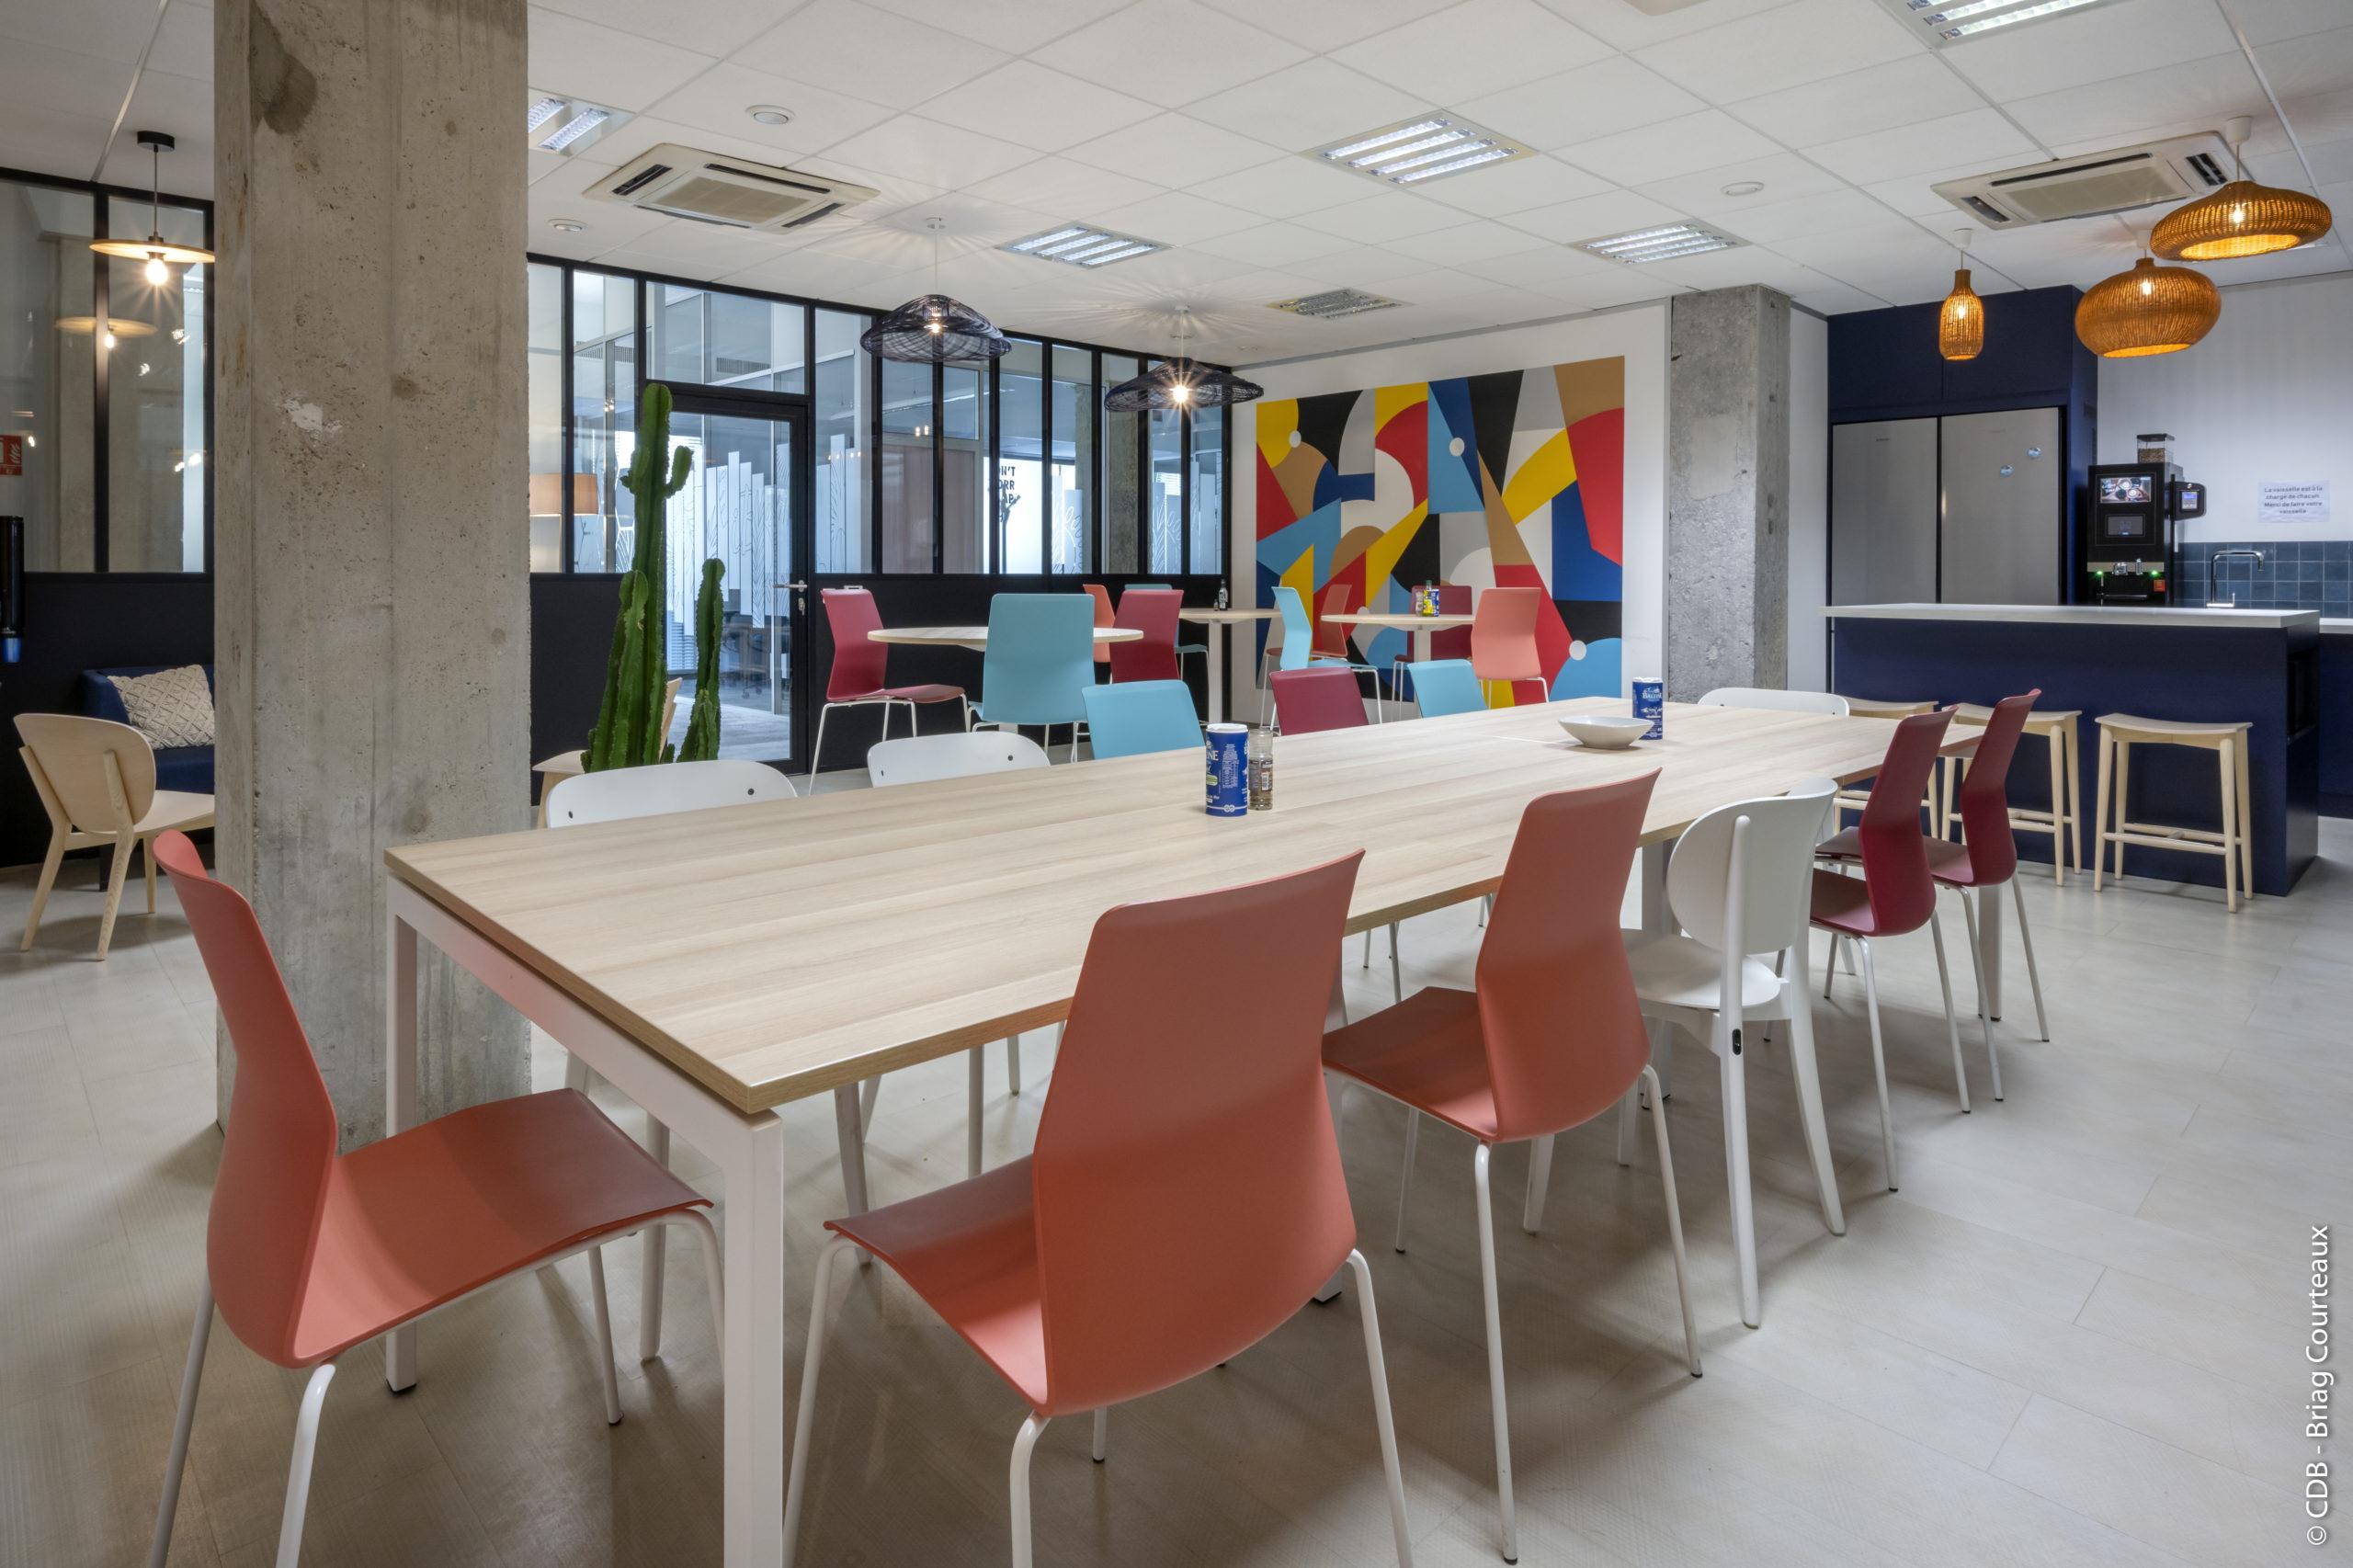 Aménagement, conception et réalisation des bureaux d'Ibiza par CDB, Meet you there.